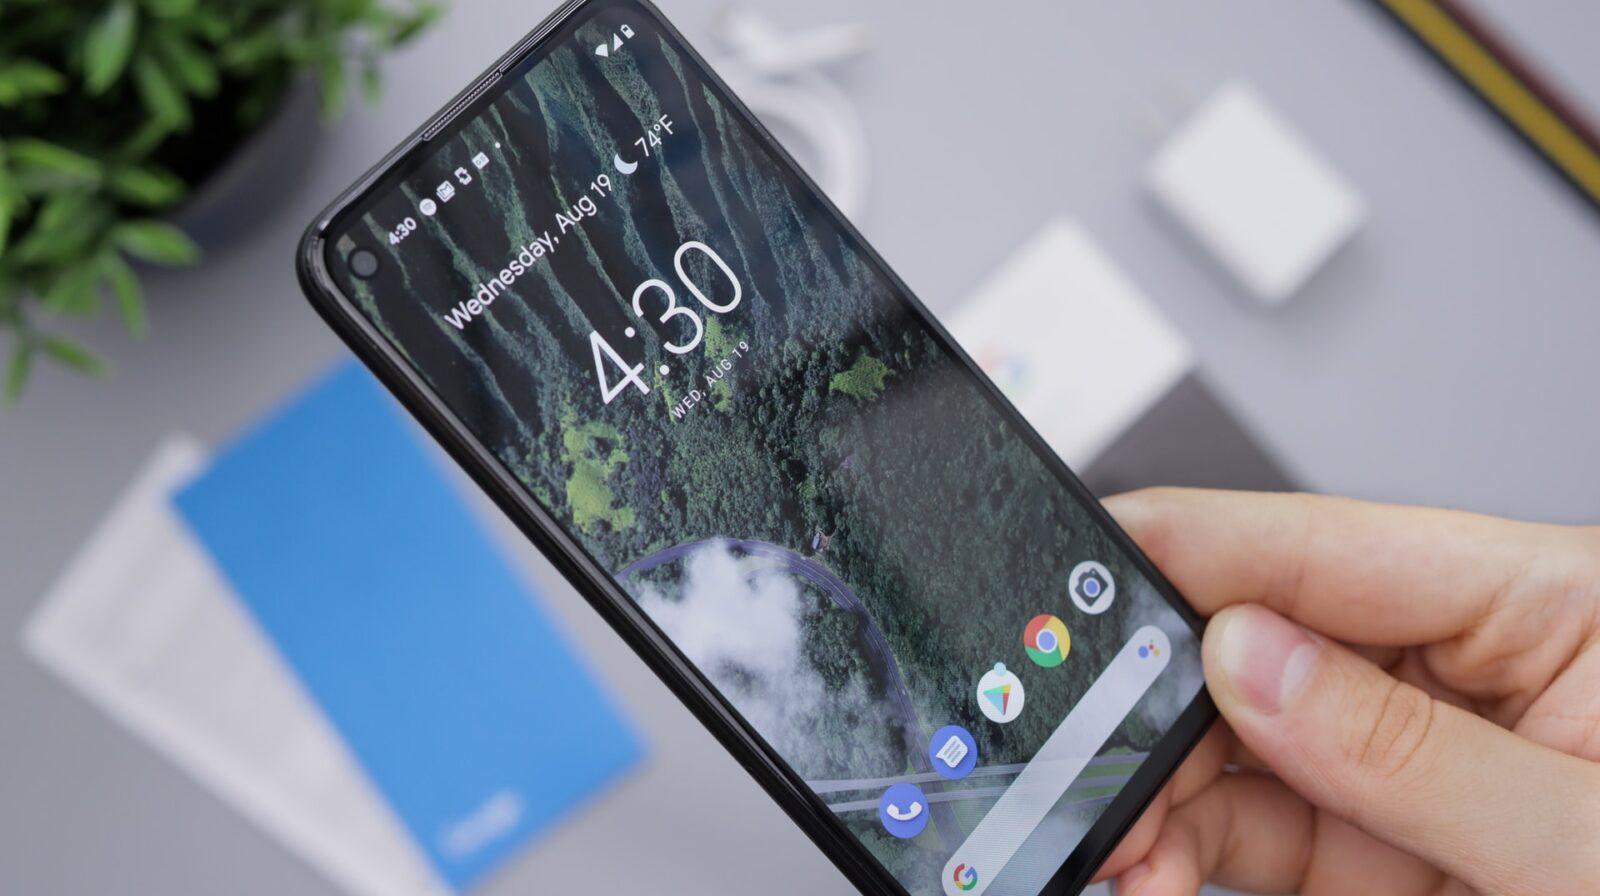 forfait mobile, Voici le forfait mobile 200 Go le plus abordable du moment pour votre smartphone !